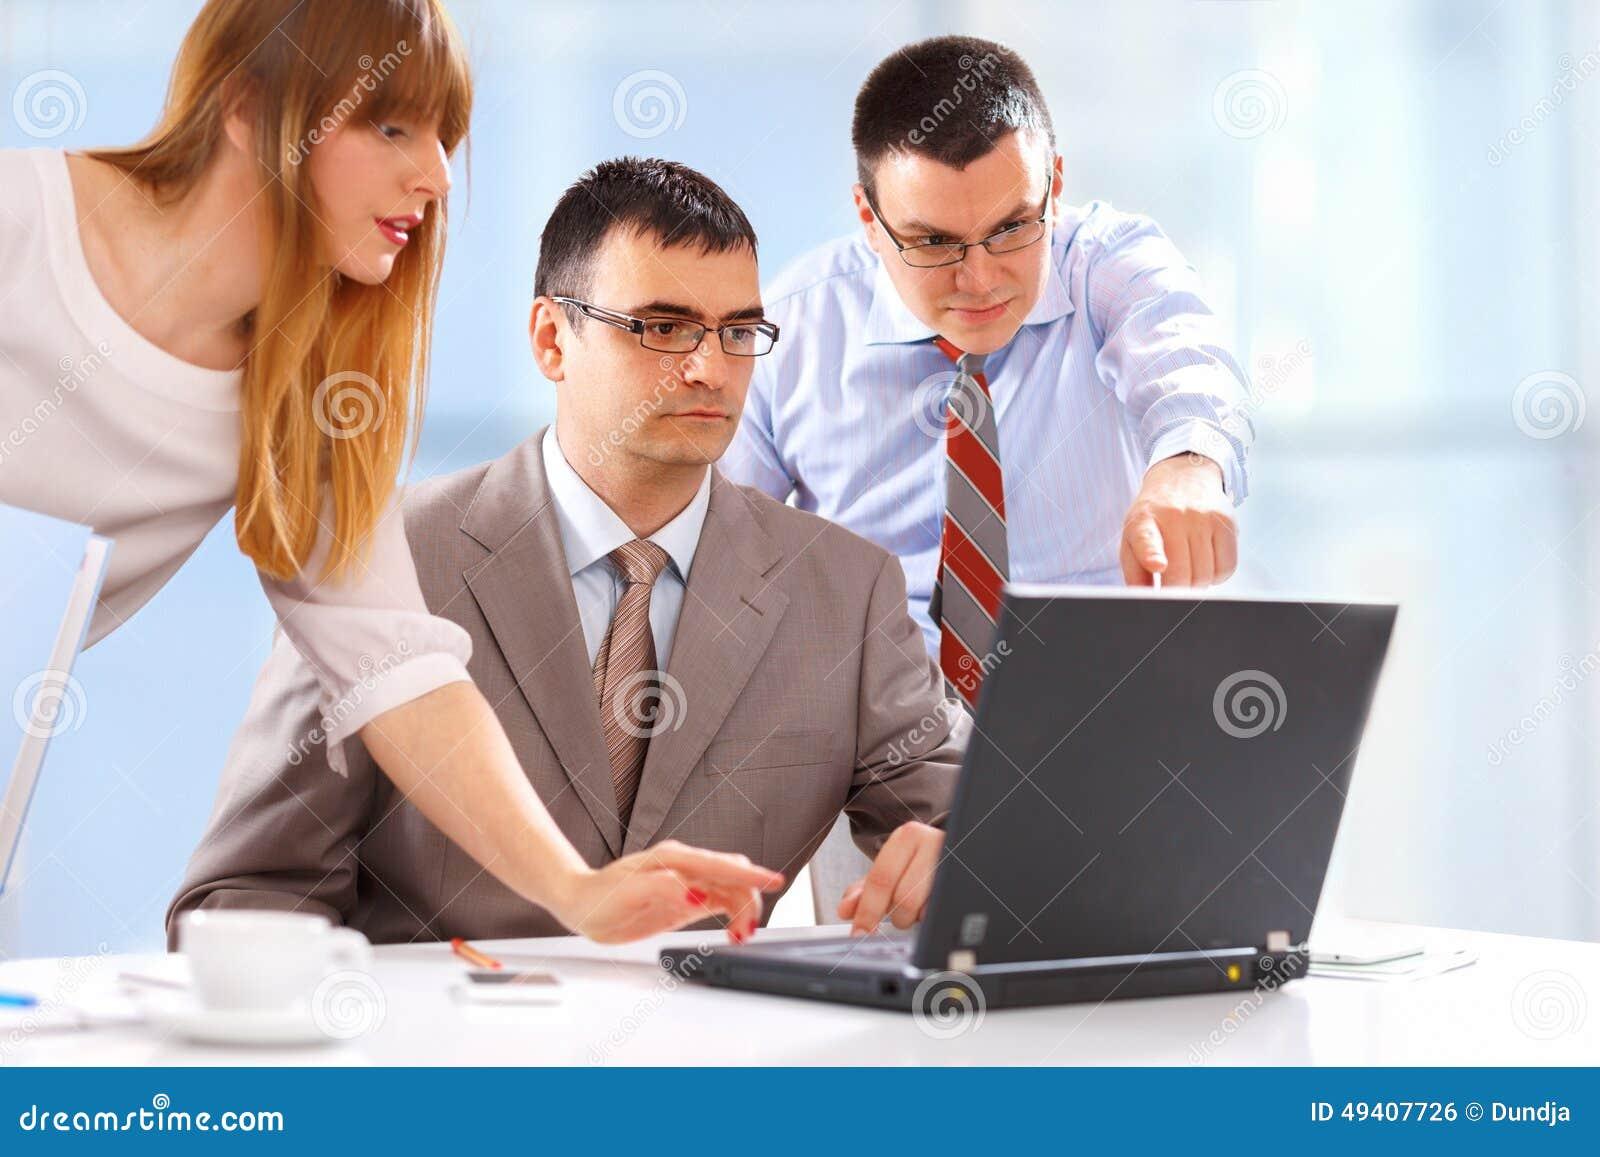 Download Wirtschaftlerarbeiten stockfoto. Bild von internet, organisiert - 49407726